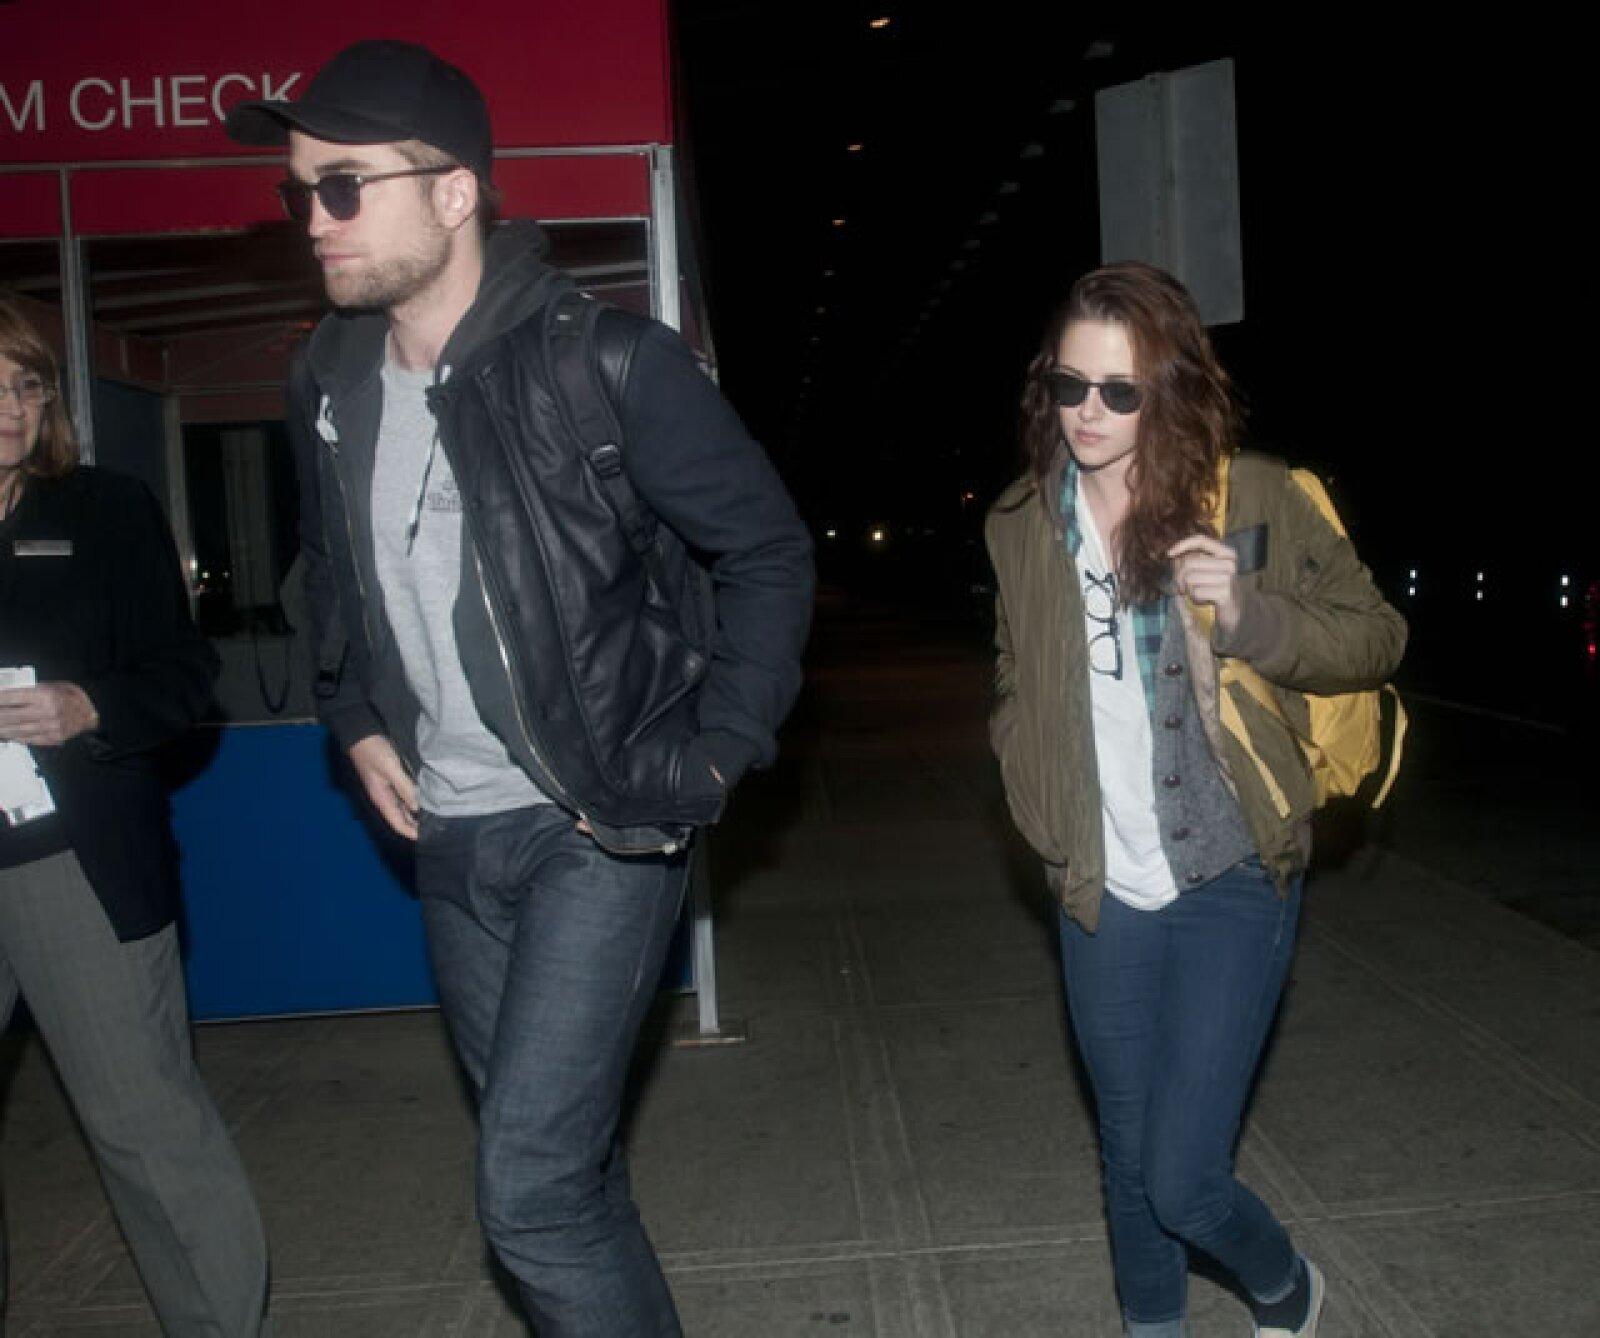 """Robert Pattinson y Kristen Stewart-""""Kristen engañó a Robert con un director casado luego el se lo regresó. Es más indulgente que Adele usando negro en un cuarto oscuro´."""